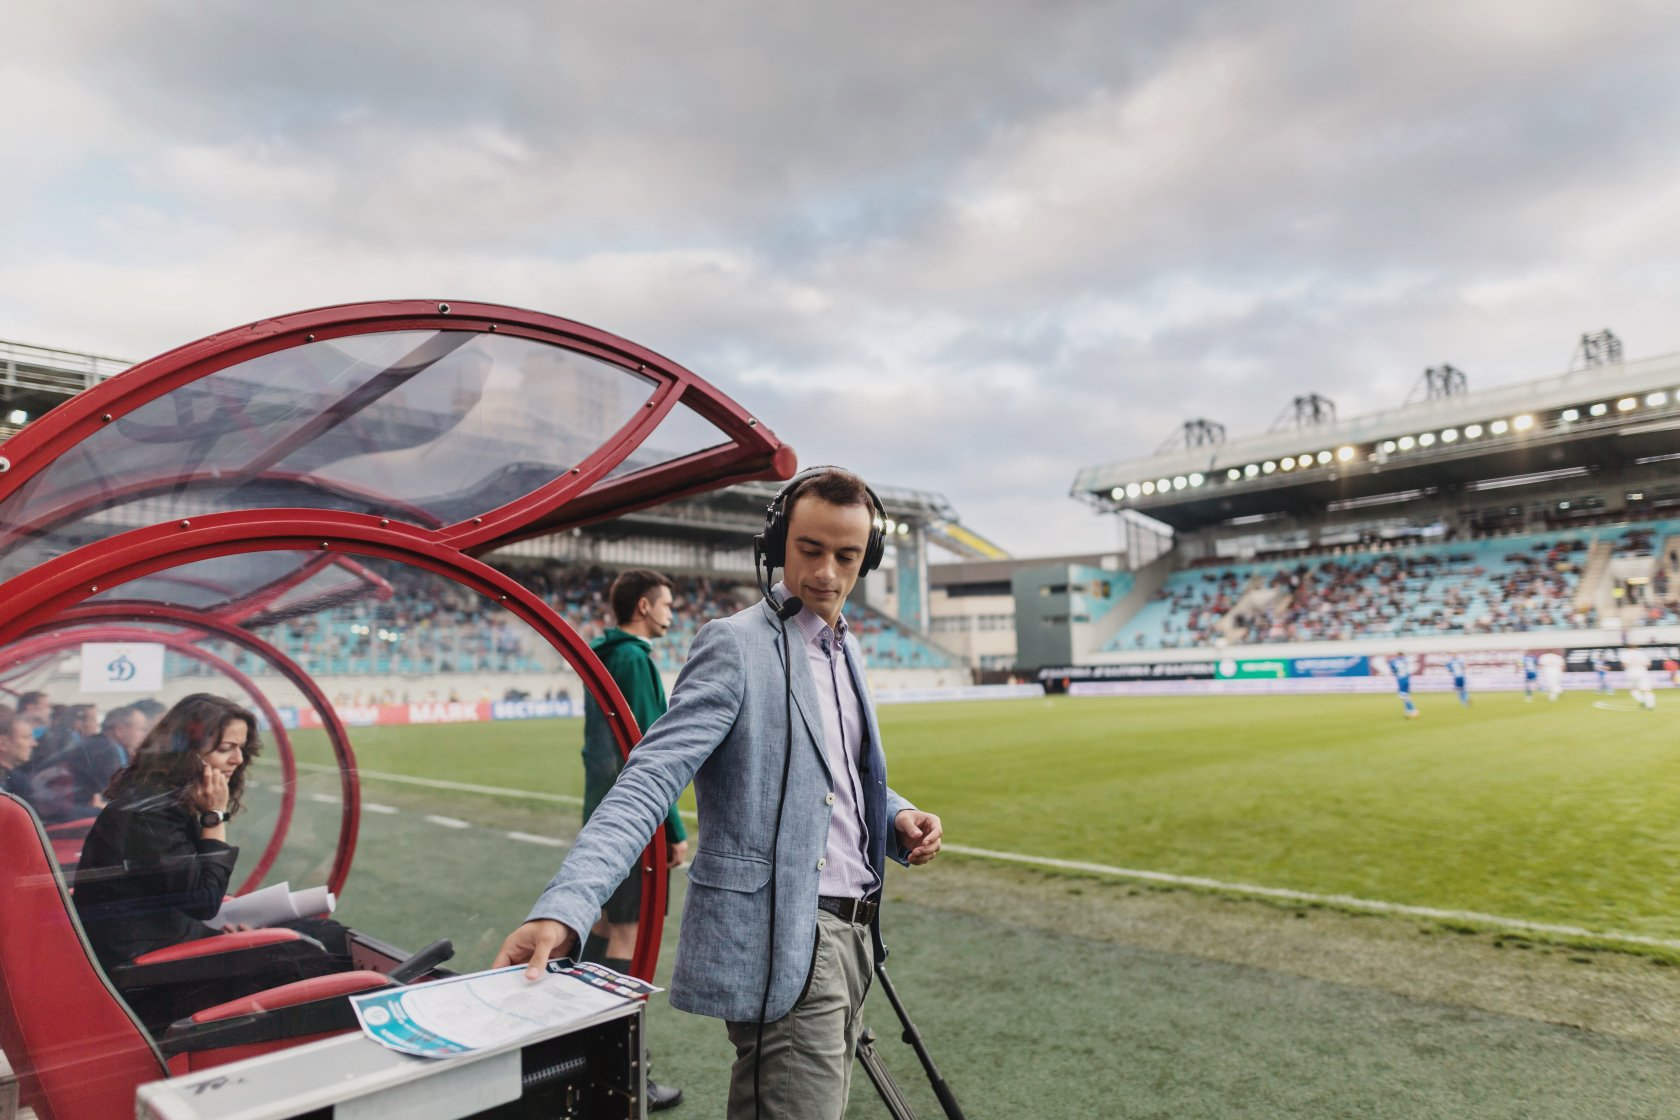 Павел Занозин: «Комментировать футбол – моя самая любимая работа»